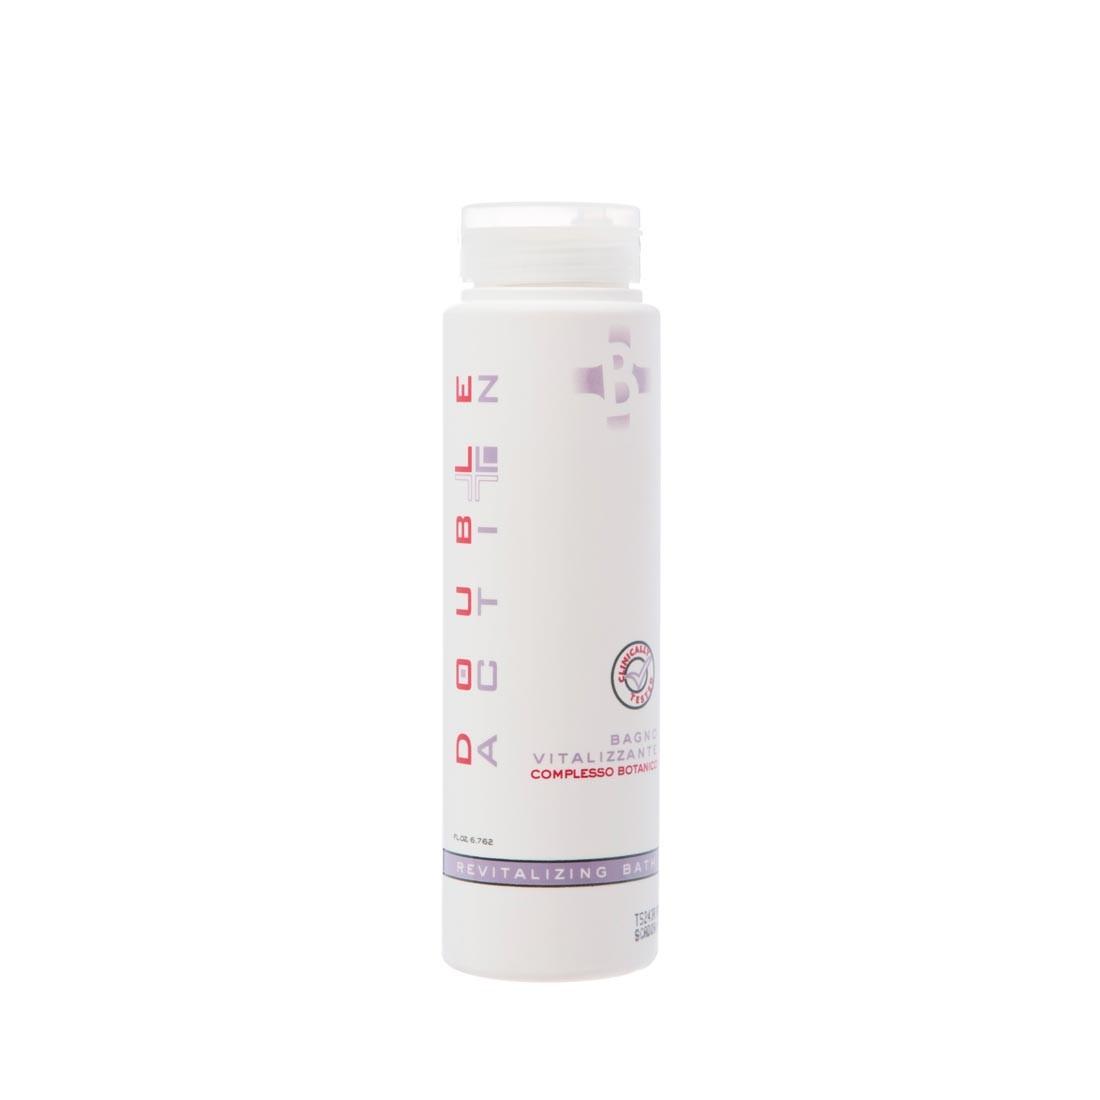 Hair Company Специальный шампунь против выпадения волос Double Action Bagno Vitalizzante Shampoo 200 мл012225/LB10880 RUSСпециальный шампунь против выпадения волос Hair Company Double Action Bagno Vitalizzante Shampoo обладает уникальным составом, эффективно воздействует на волосяную луковицу. В состав шампуня входят натуральные ингредиенты — растительные экстракты китайской софоры, имбиря и ягод кипариса, укрепляют волос, насыщают витаминами и минералами, увлажняют и восстанавливают кератиновую структуру волос. Шампунь придает волосам жизненный тонус, чувство свежести и легкости. Они становятся более привлекательными, послушными и необыкновенно мягкими на ощупь.